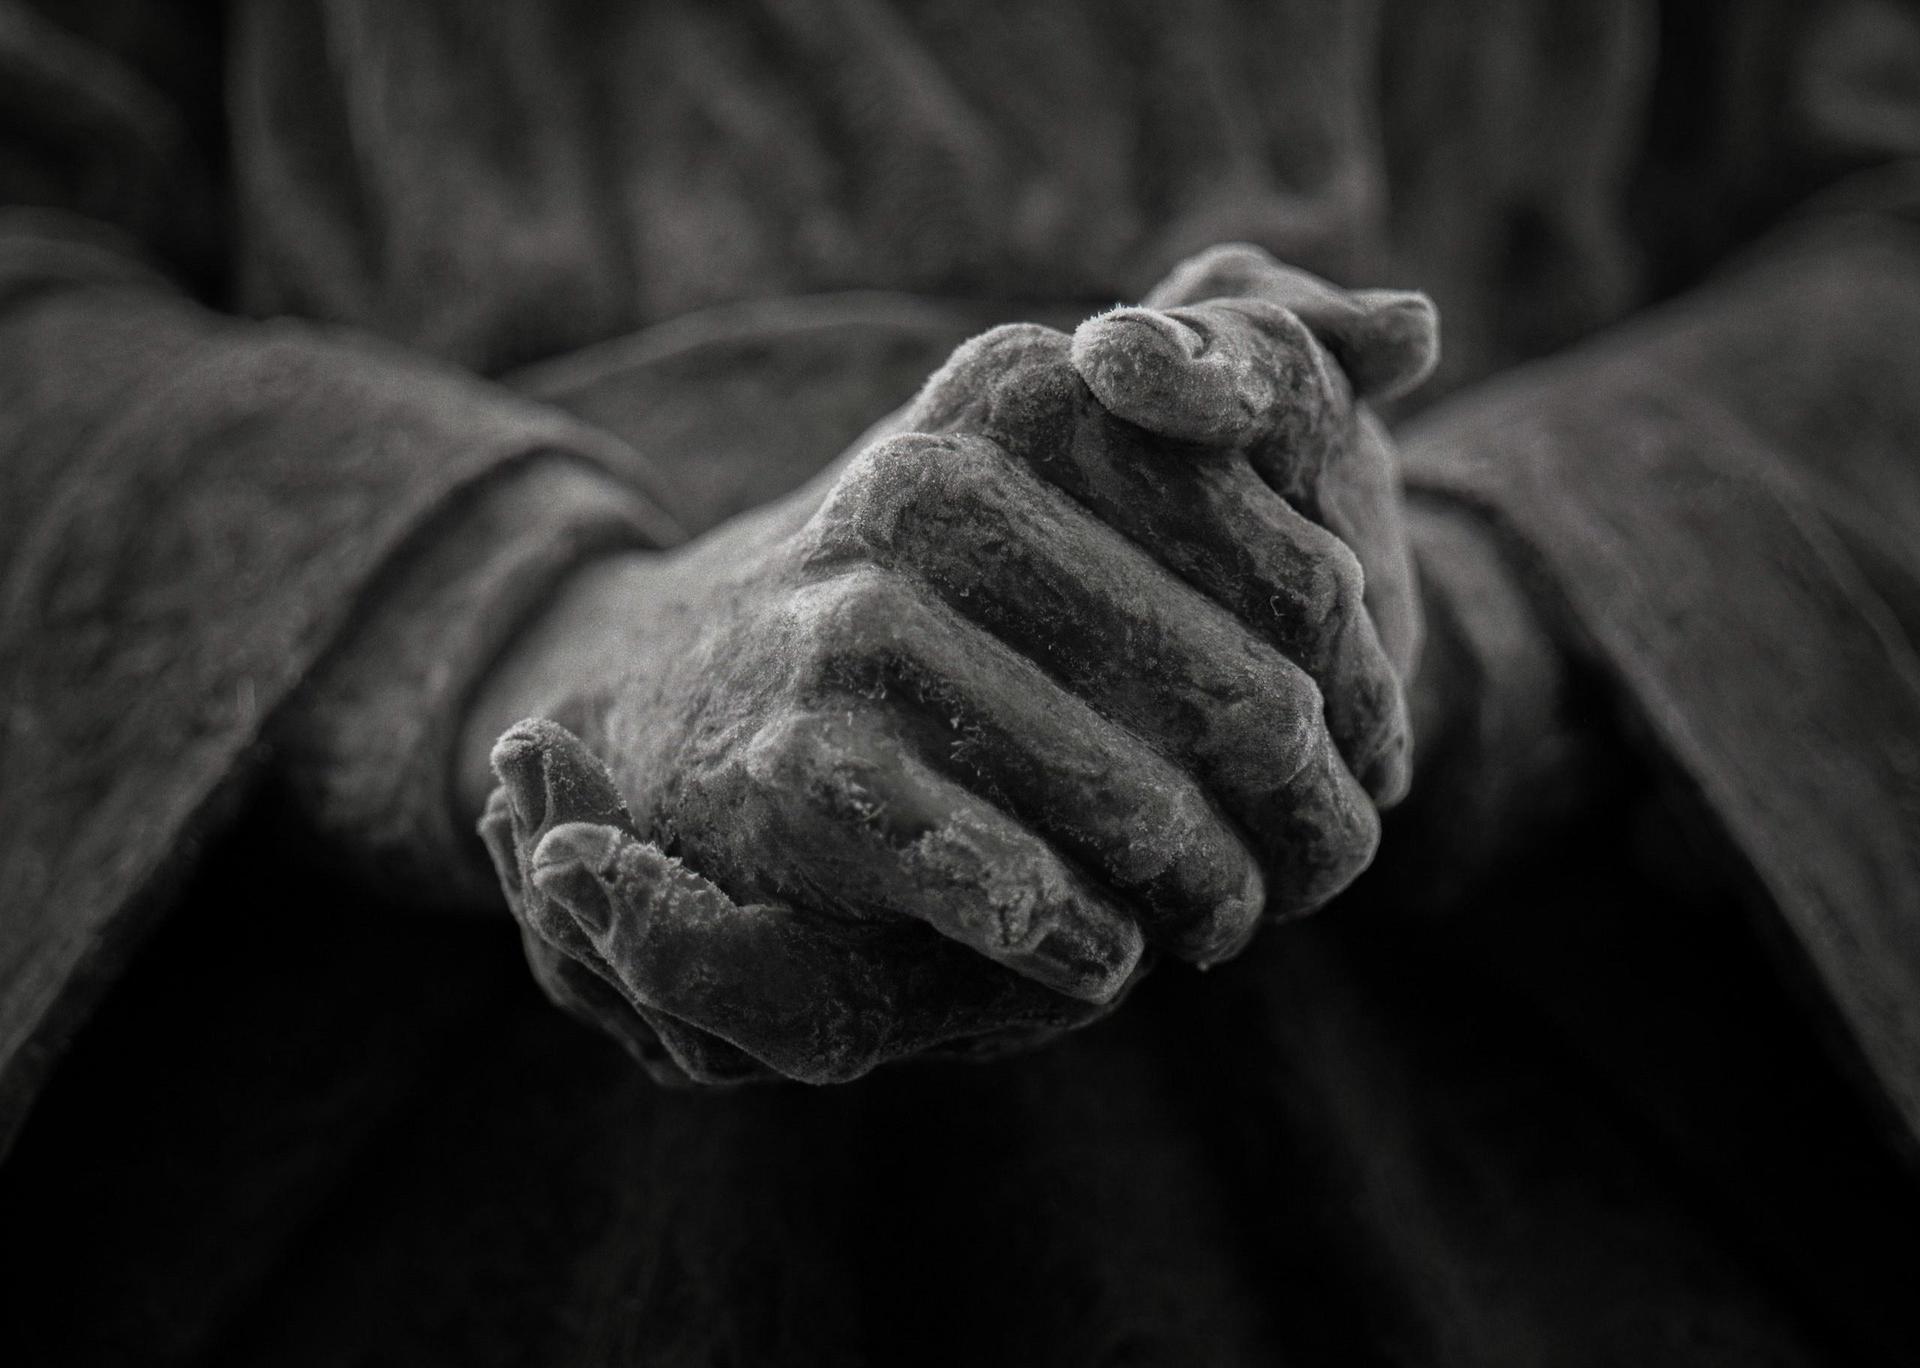 Hands of Ignatius